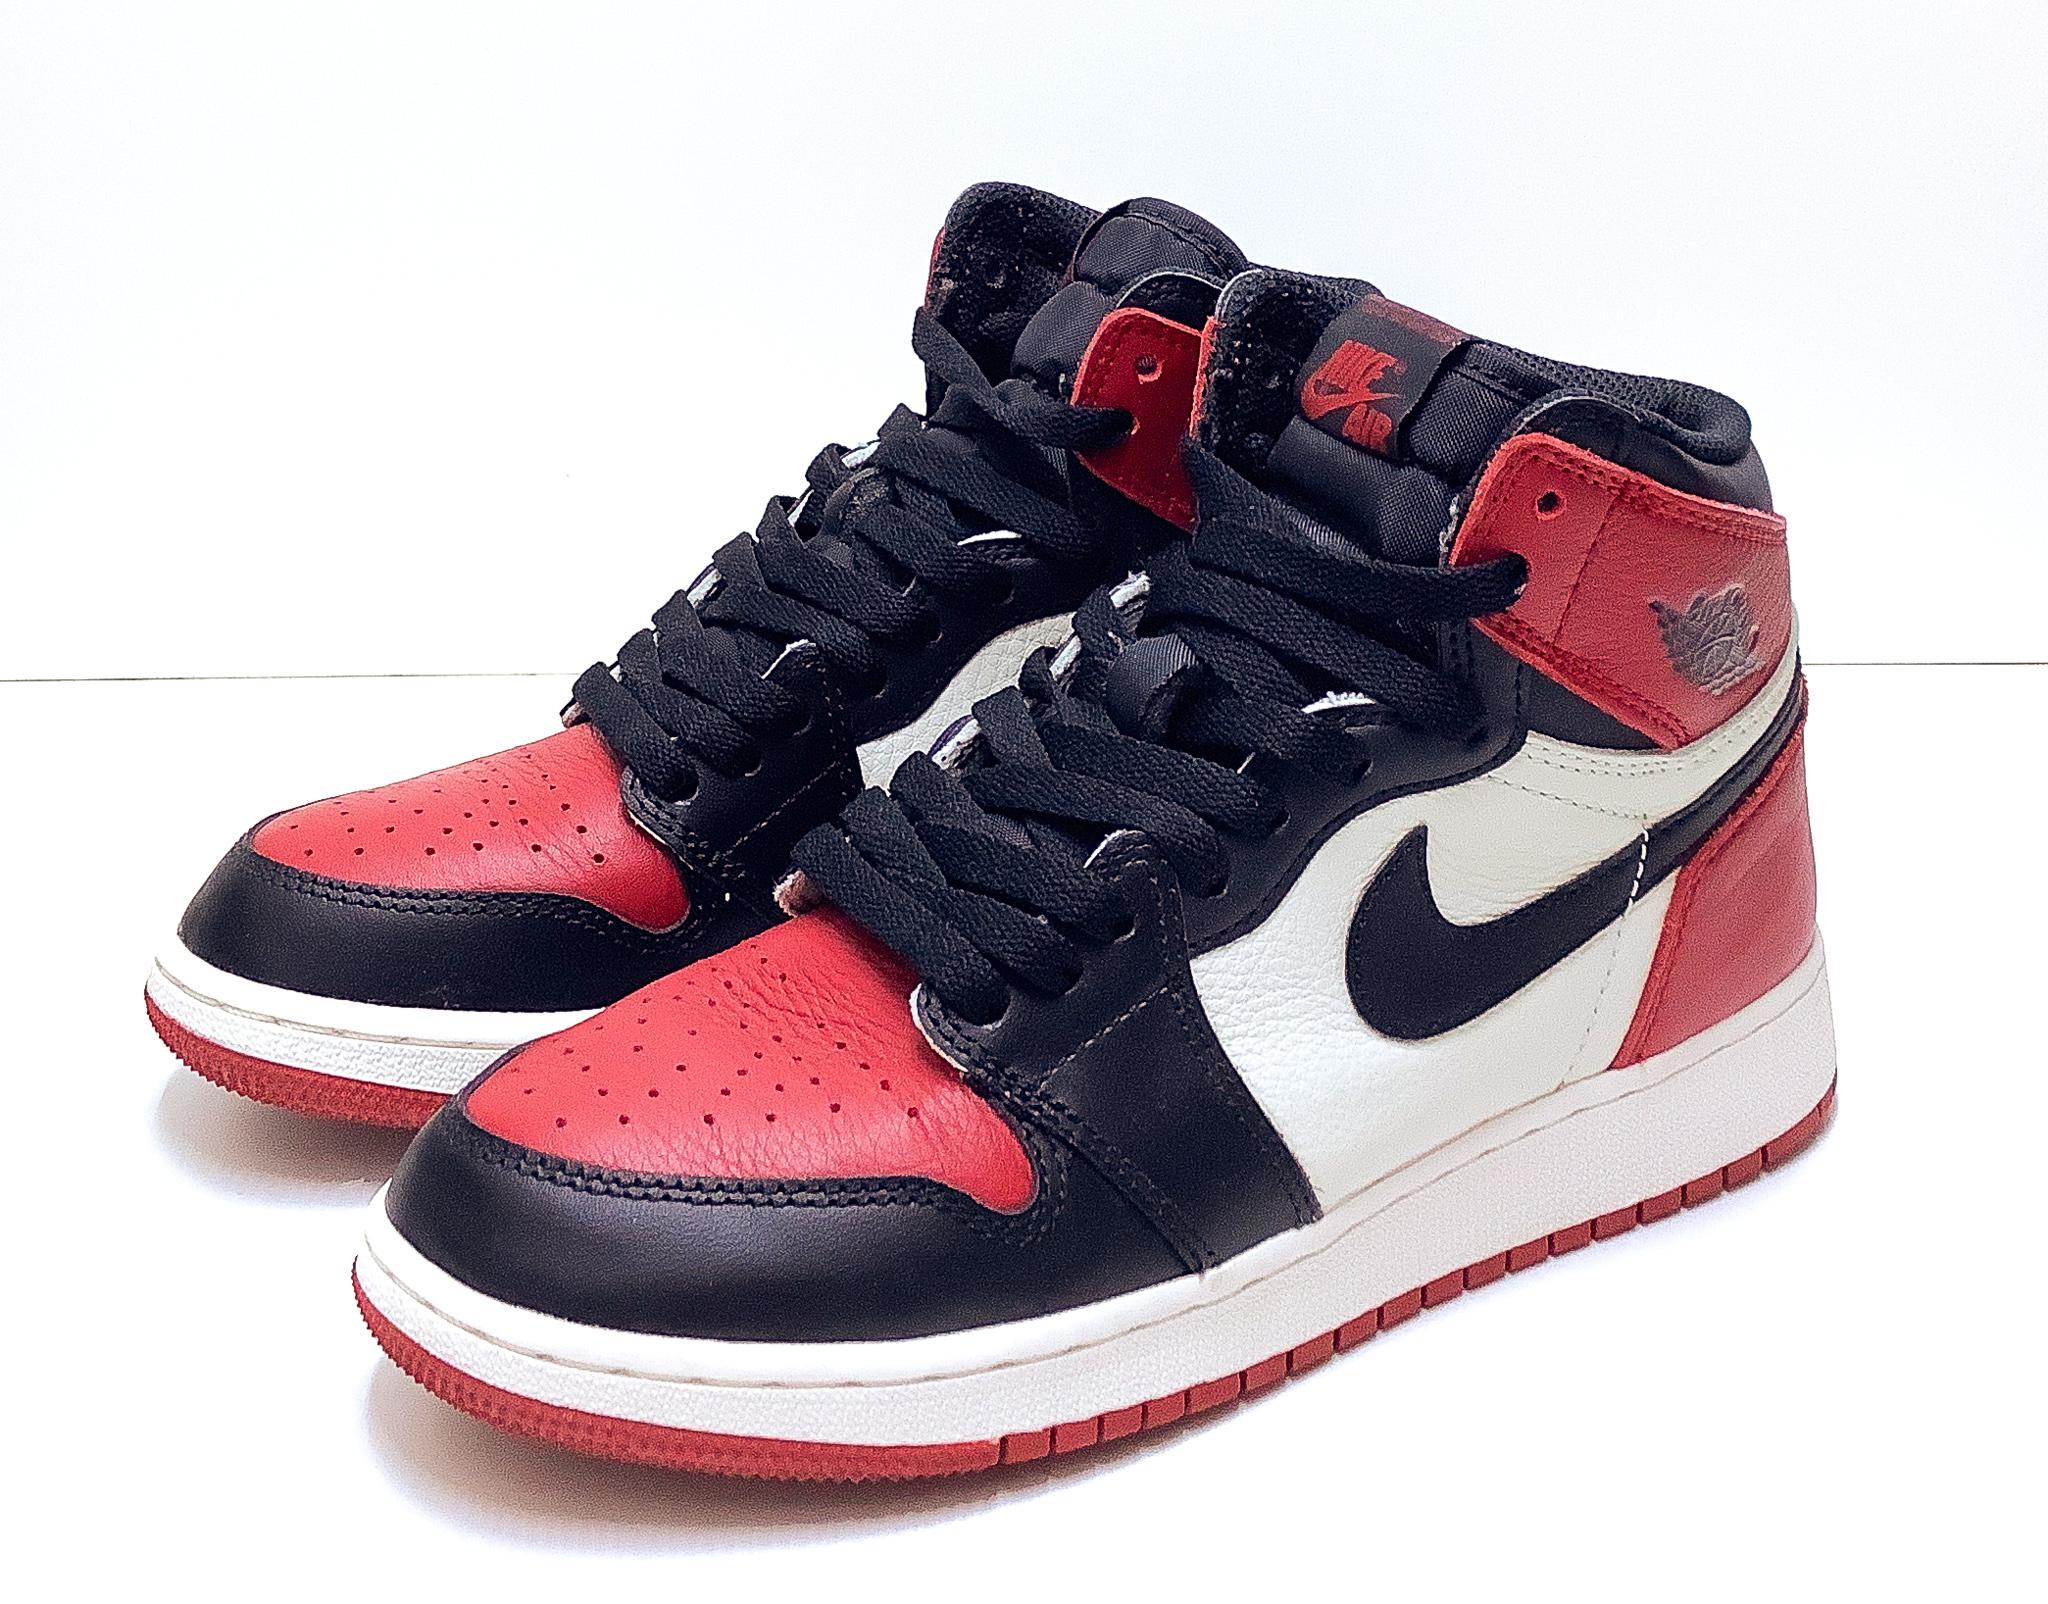 Jordan 1 Retro High Bred Toe (GS)